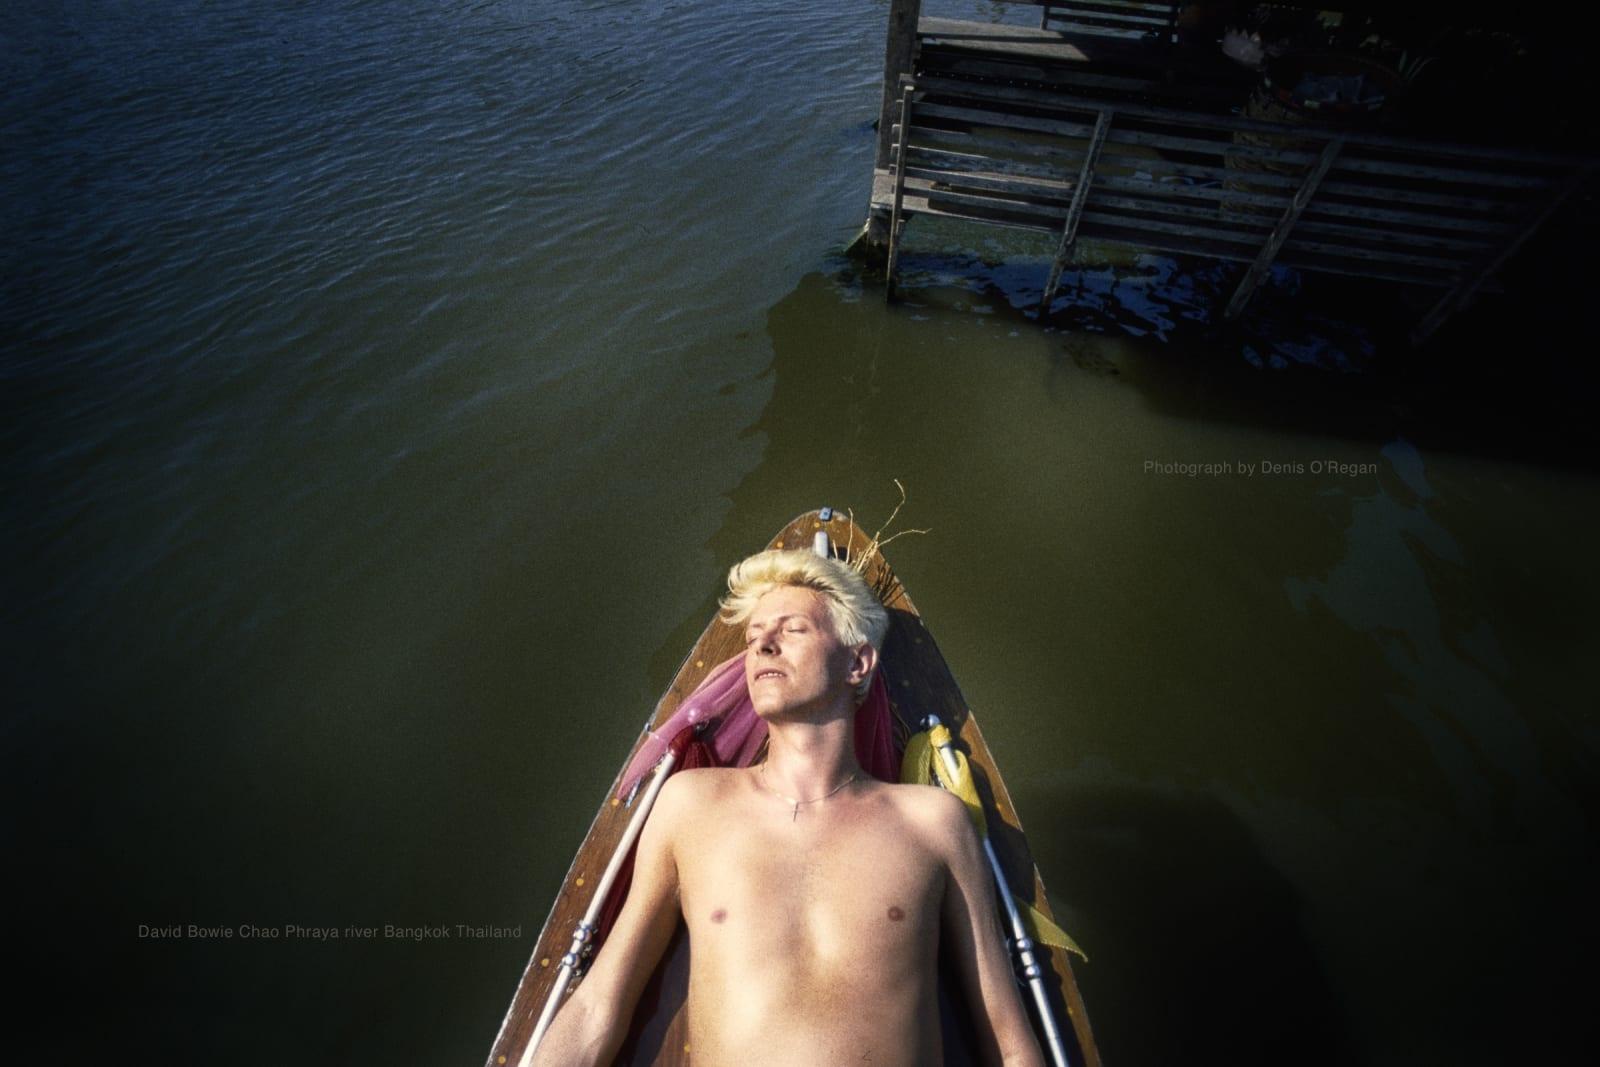 DAVID BOWIE, David Bowie Chao Phraya, 1983